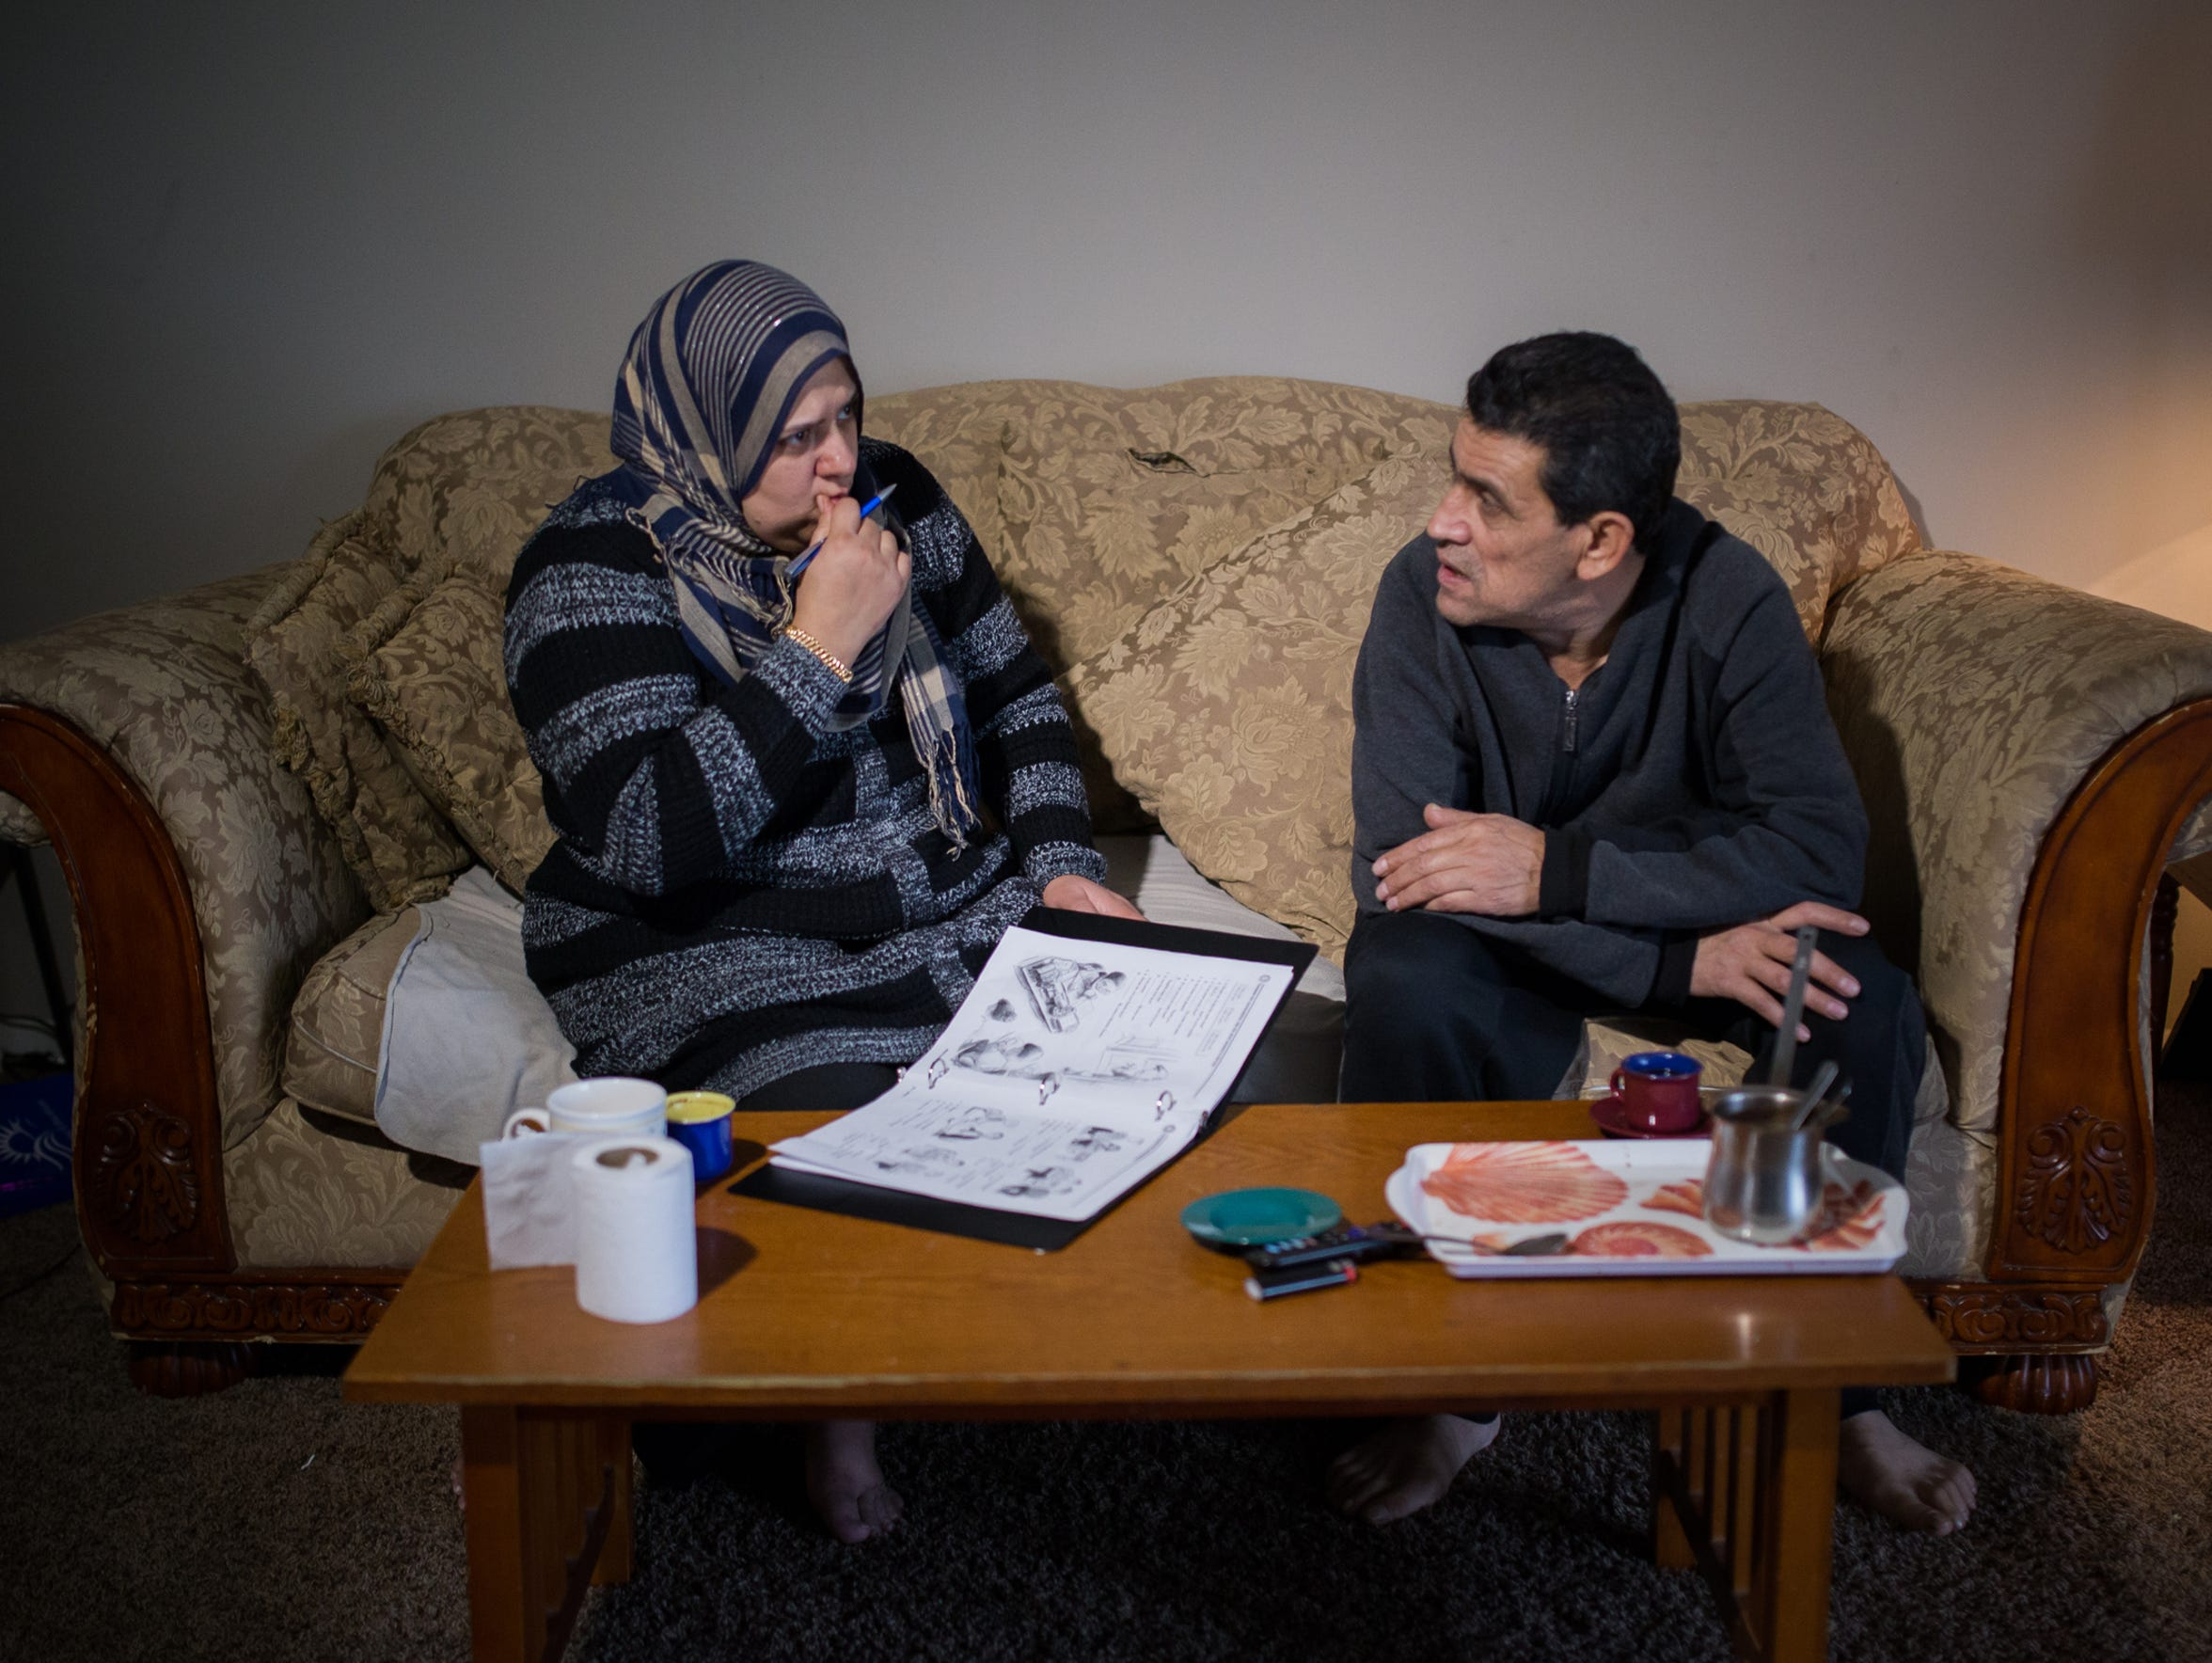 Radwan Mughrbel, 52, and his wife Sanaa Hamada, 42,